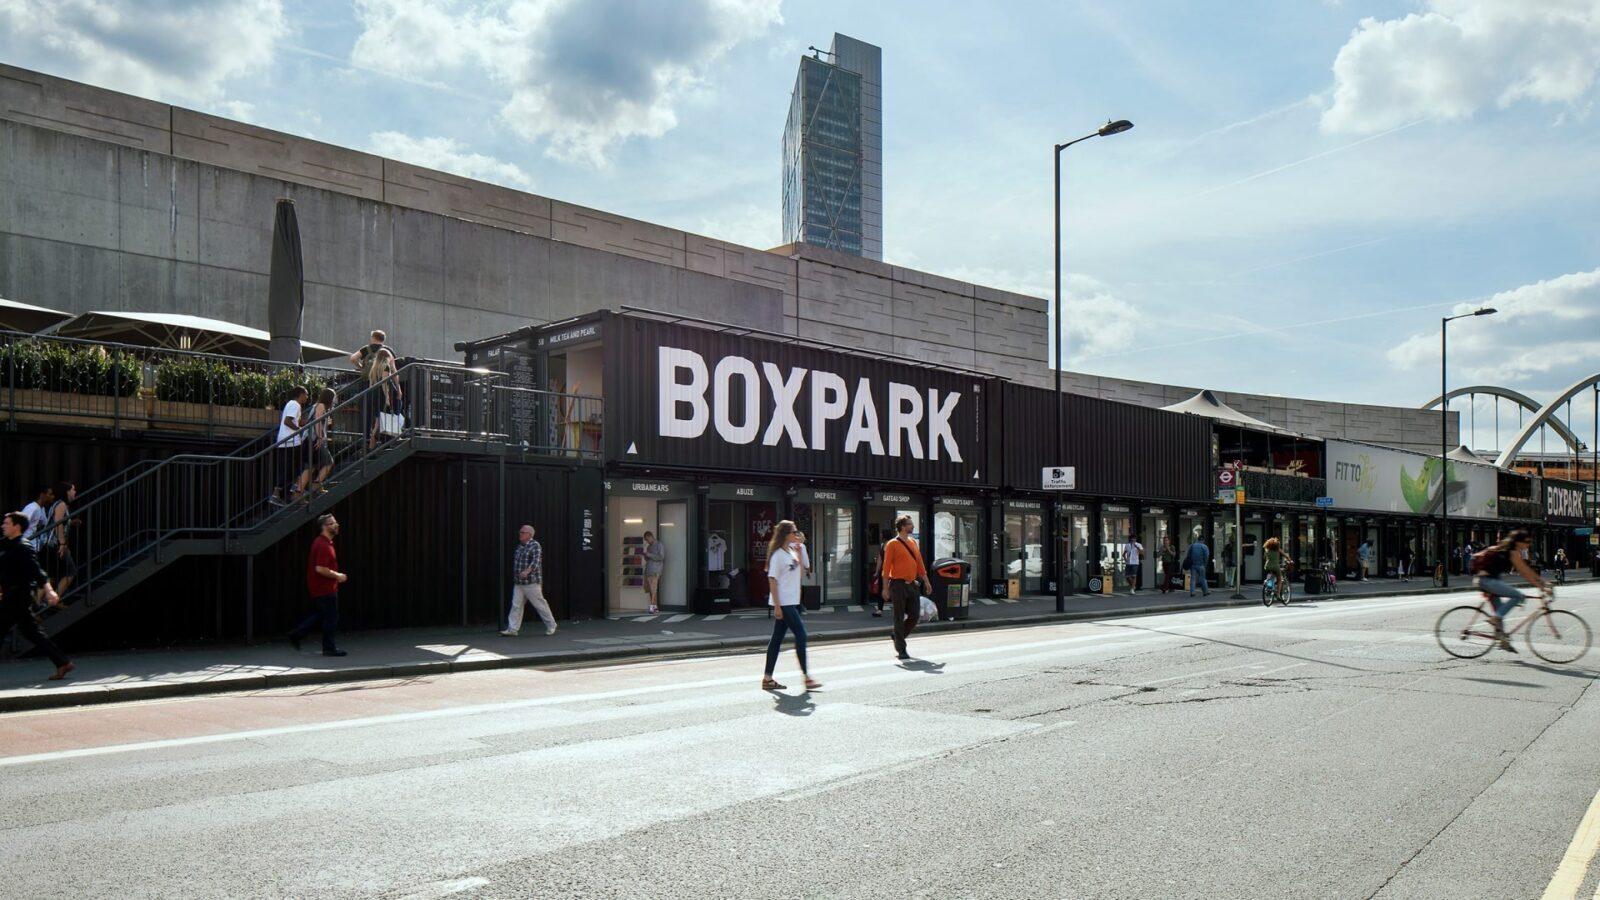 Shop at Boxpark Shoreditch